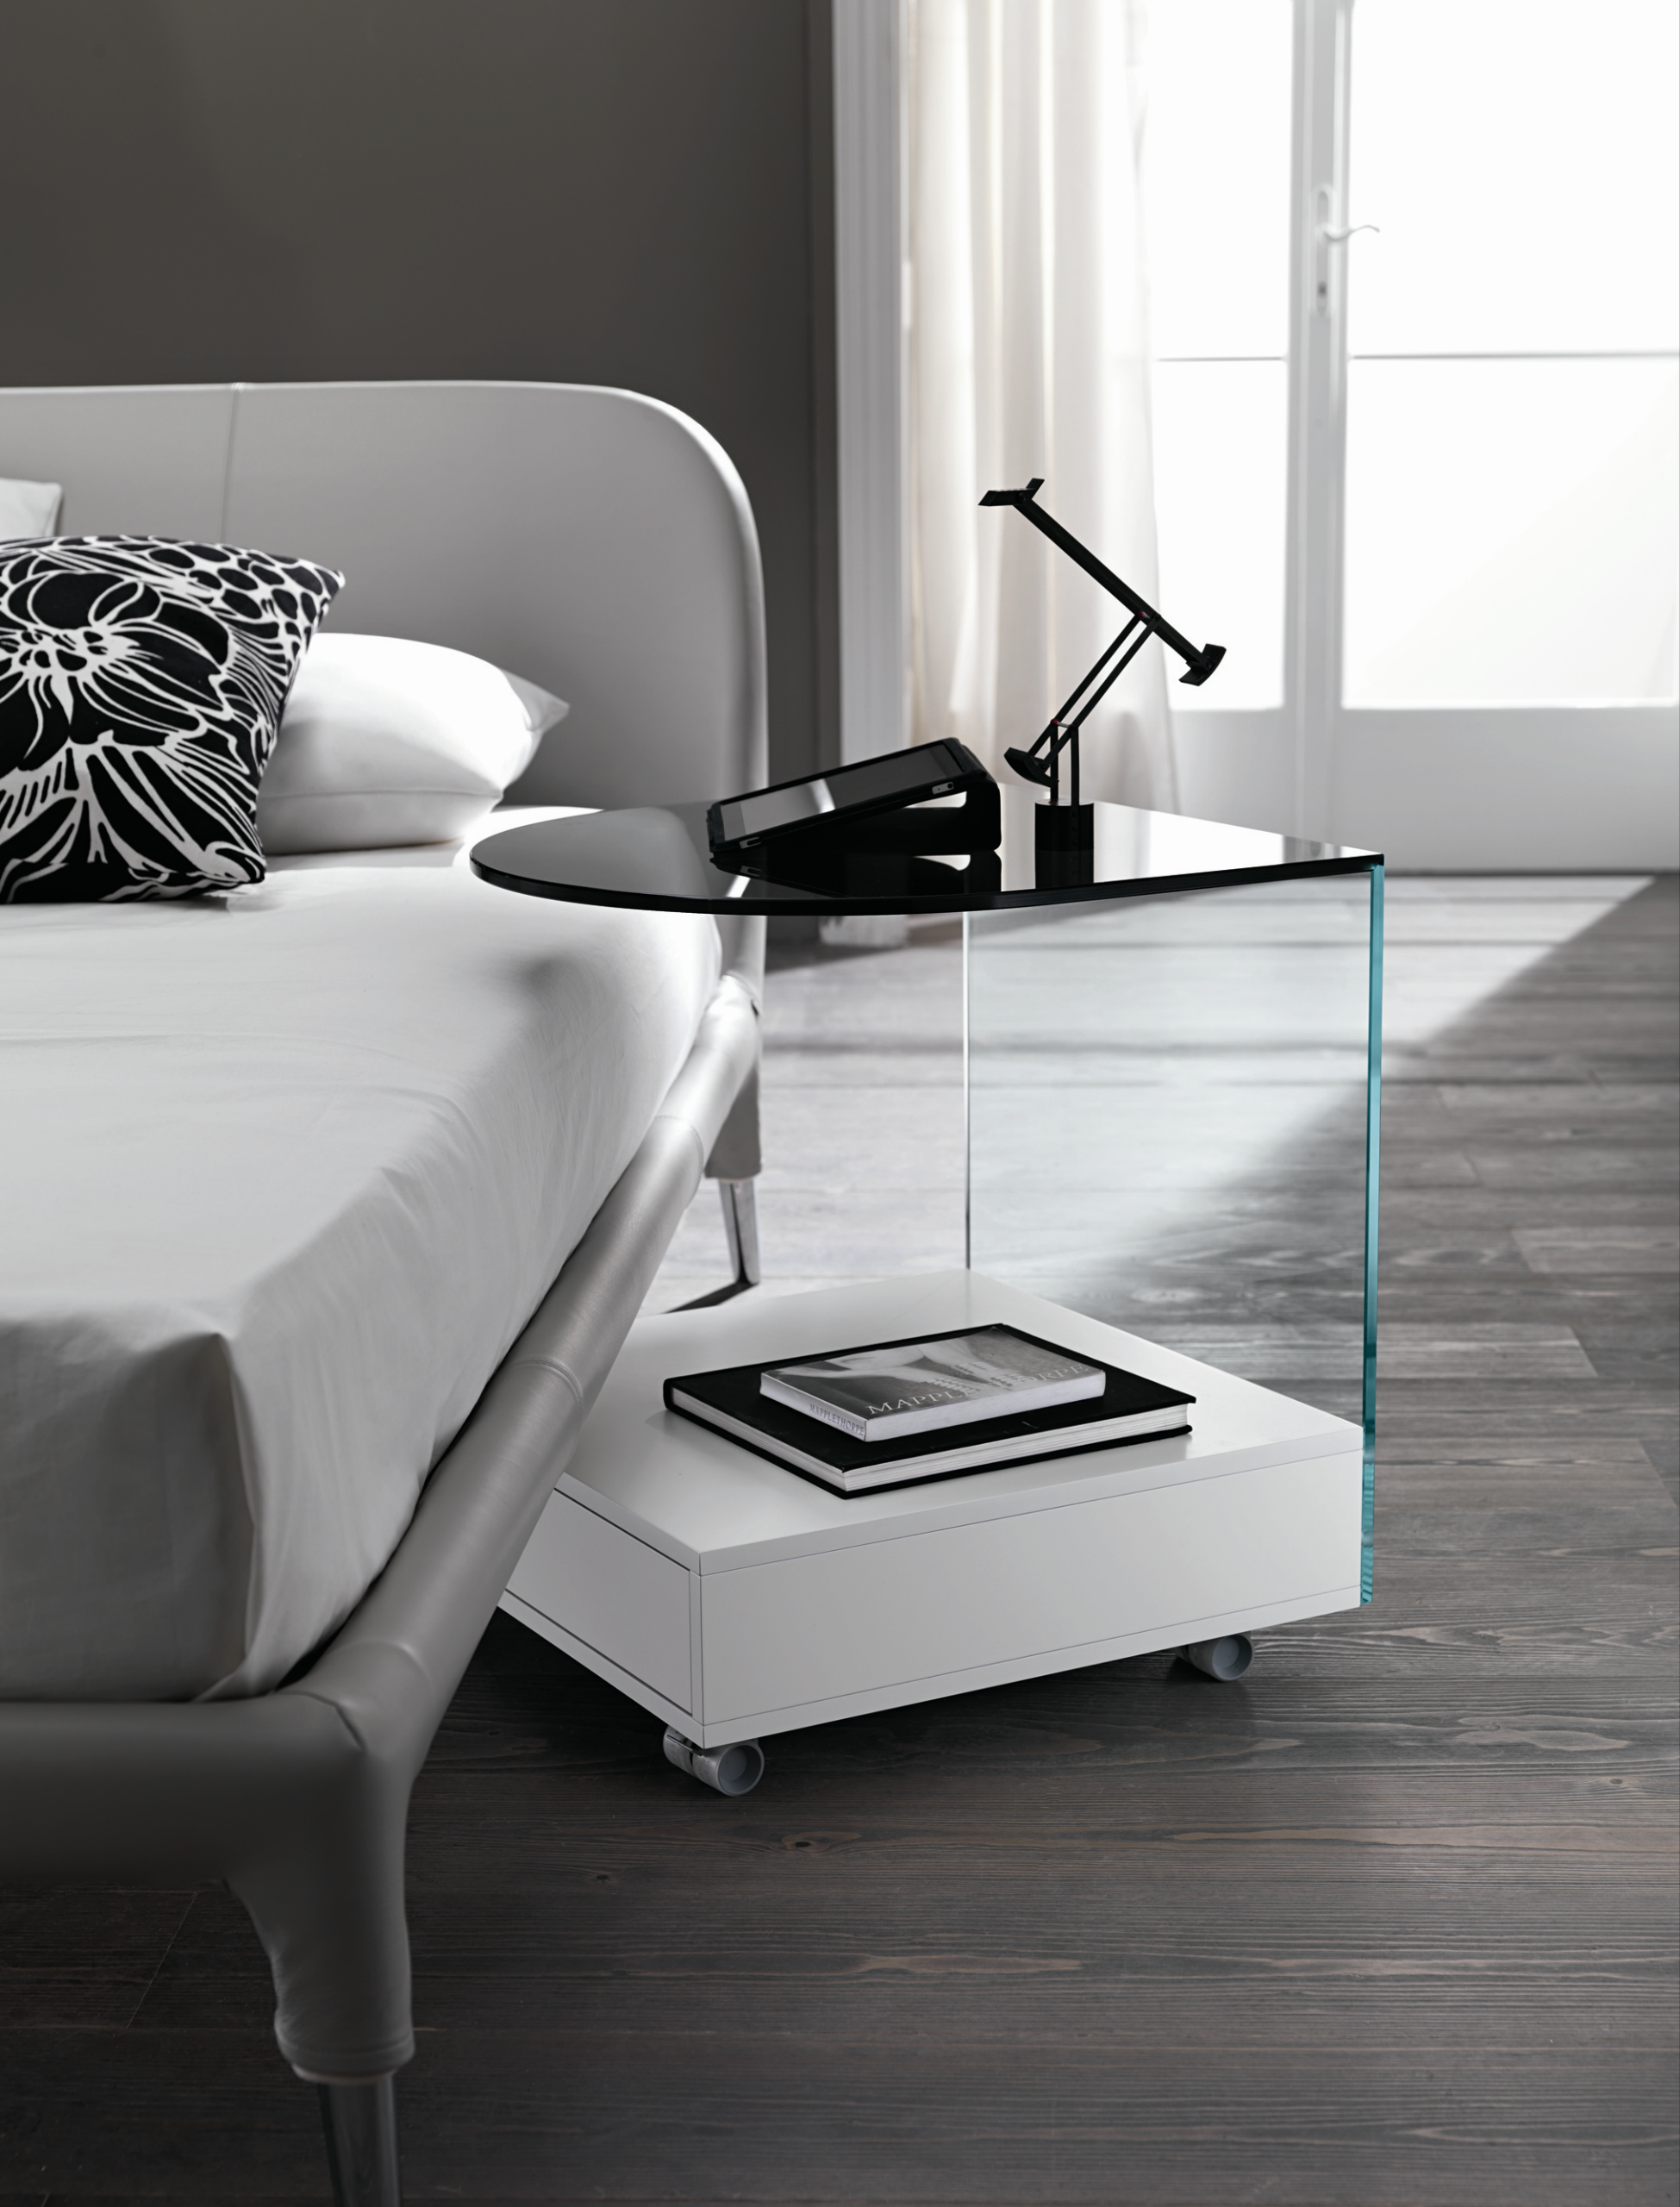 nachttisch aus glas mit rollen rollo by t d tonelli design design karim rashid. Black Bedroom Furniture Sets. Home Design Ideas